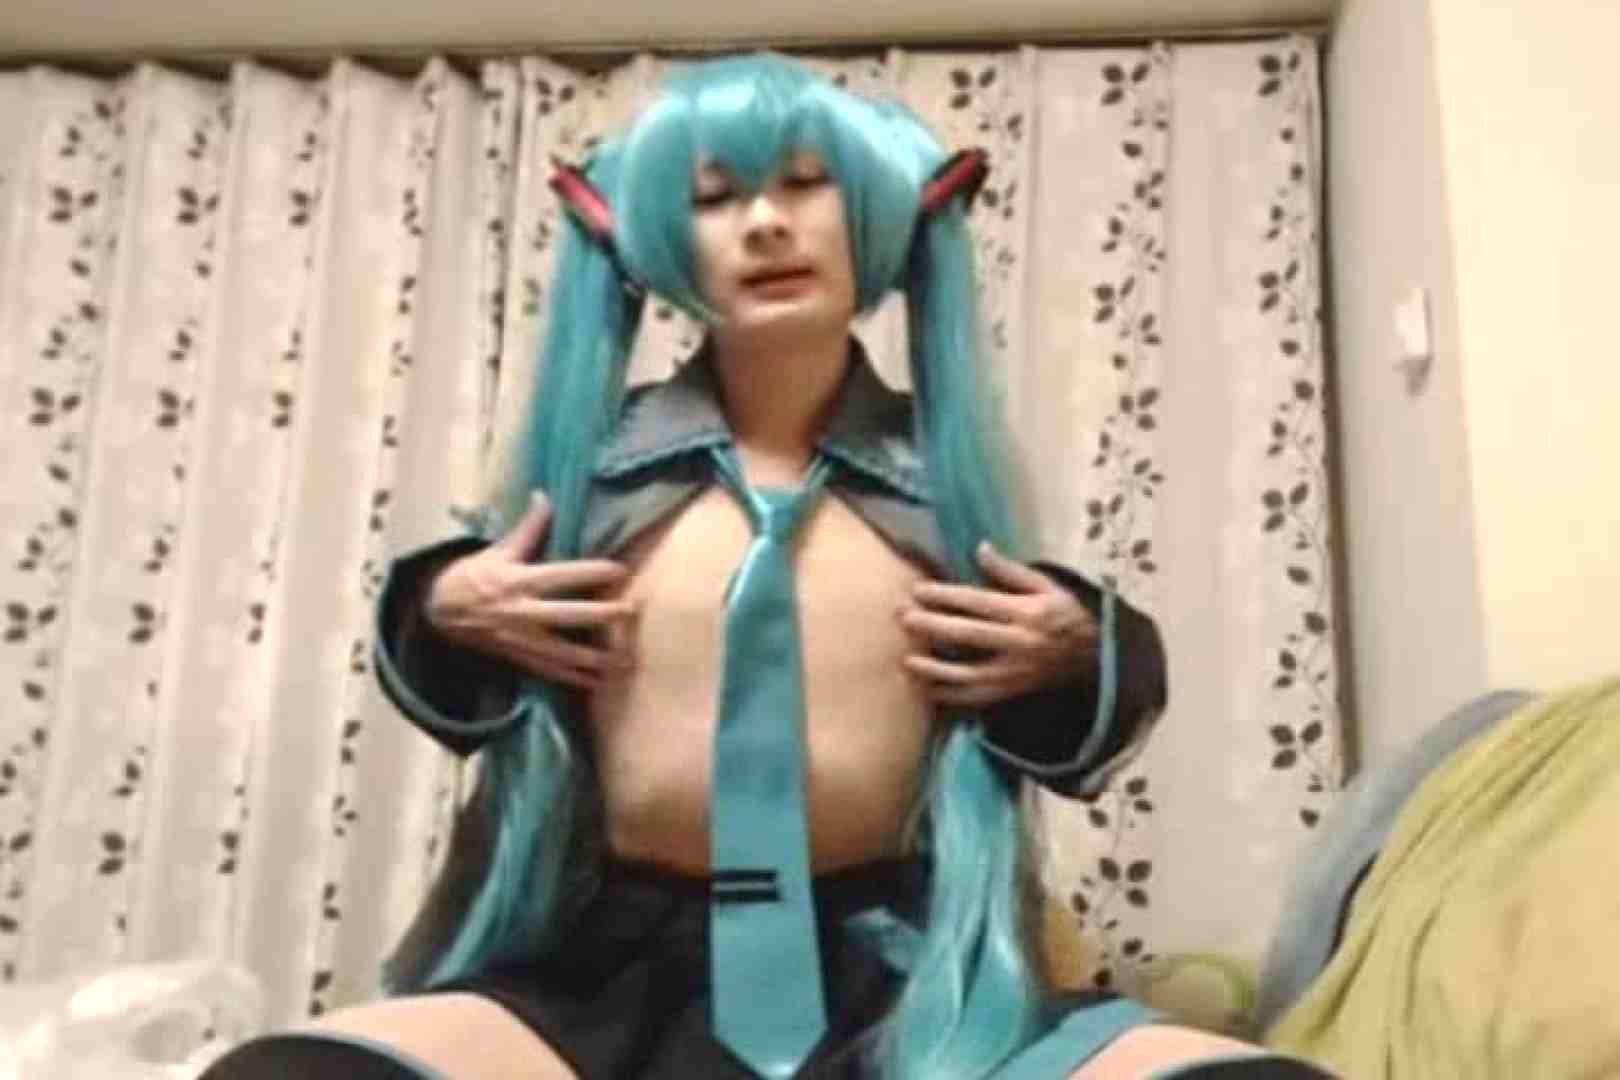 男のKOスプレー!Vol.03 ゲイのオナニー映像 | イケメンたち  59枚 45